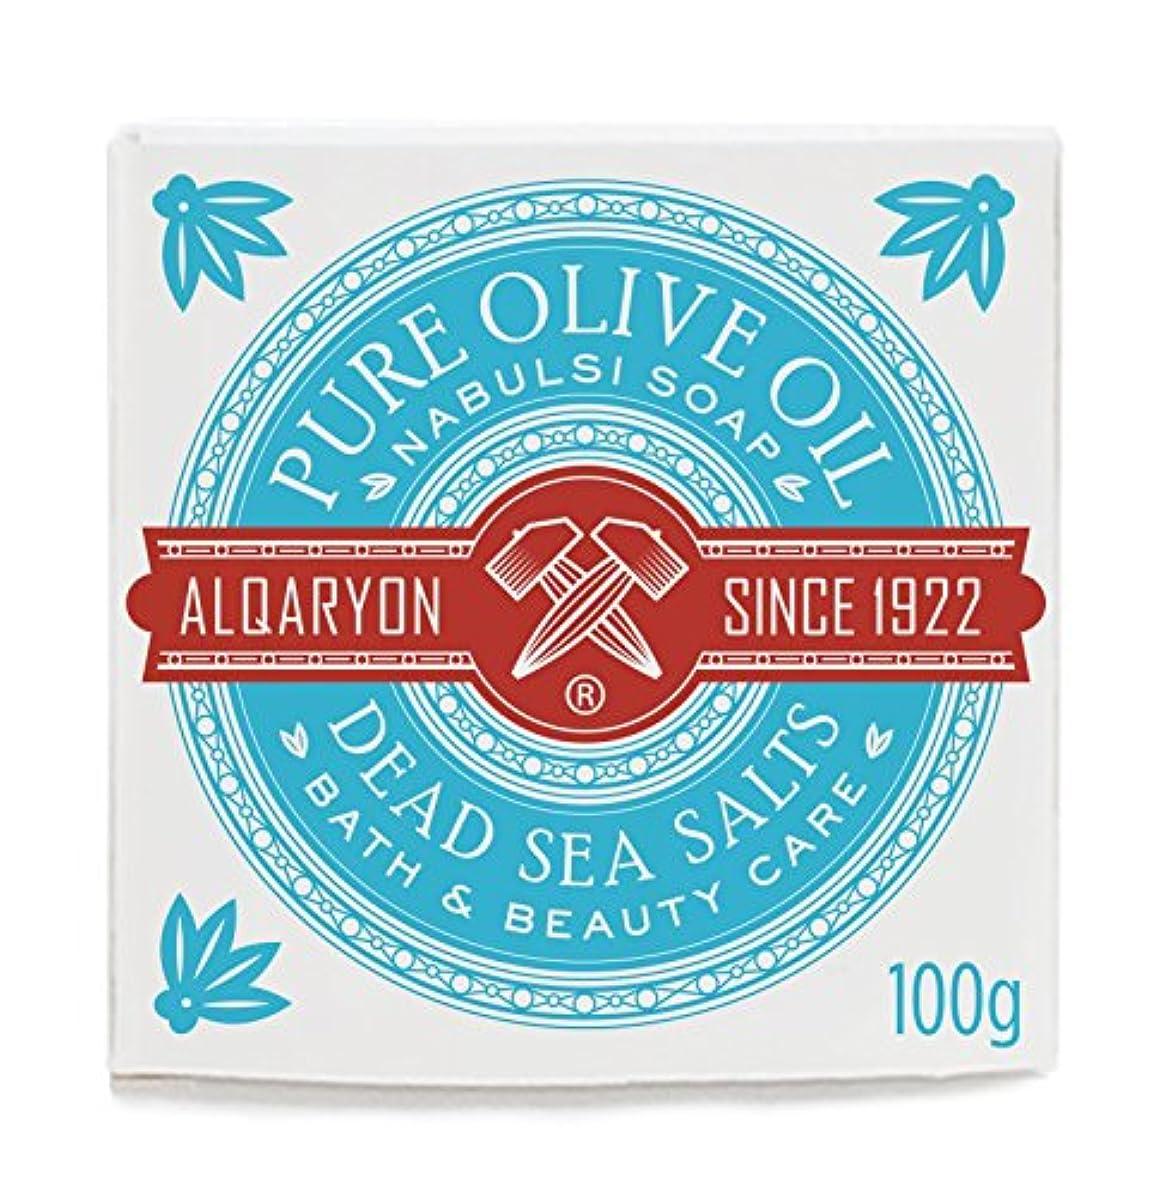 マーティンルーサーキングジュニア致死ネーピアAlqaryon Dead Sea Salts & Olive Oil Bar Soap, Pack of 4 Bars 100g- Alqaryonの死海で取れる塩&オリーブオイル ソープ、バス & ビューティー ケア...